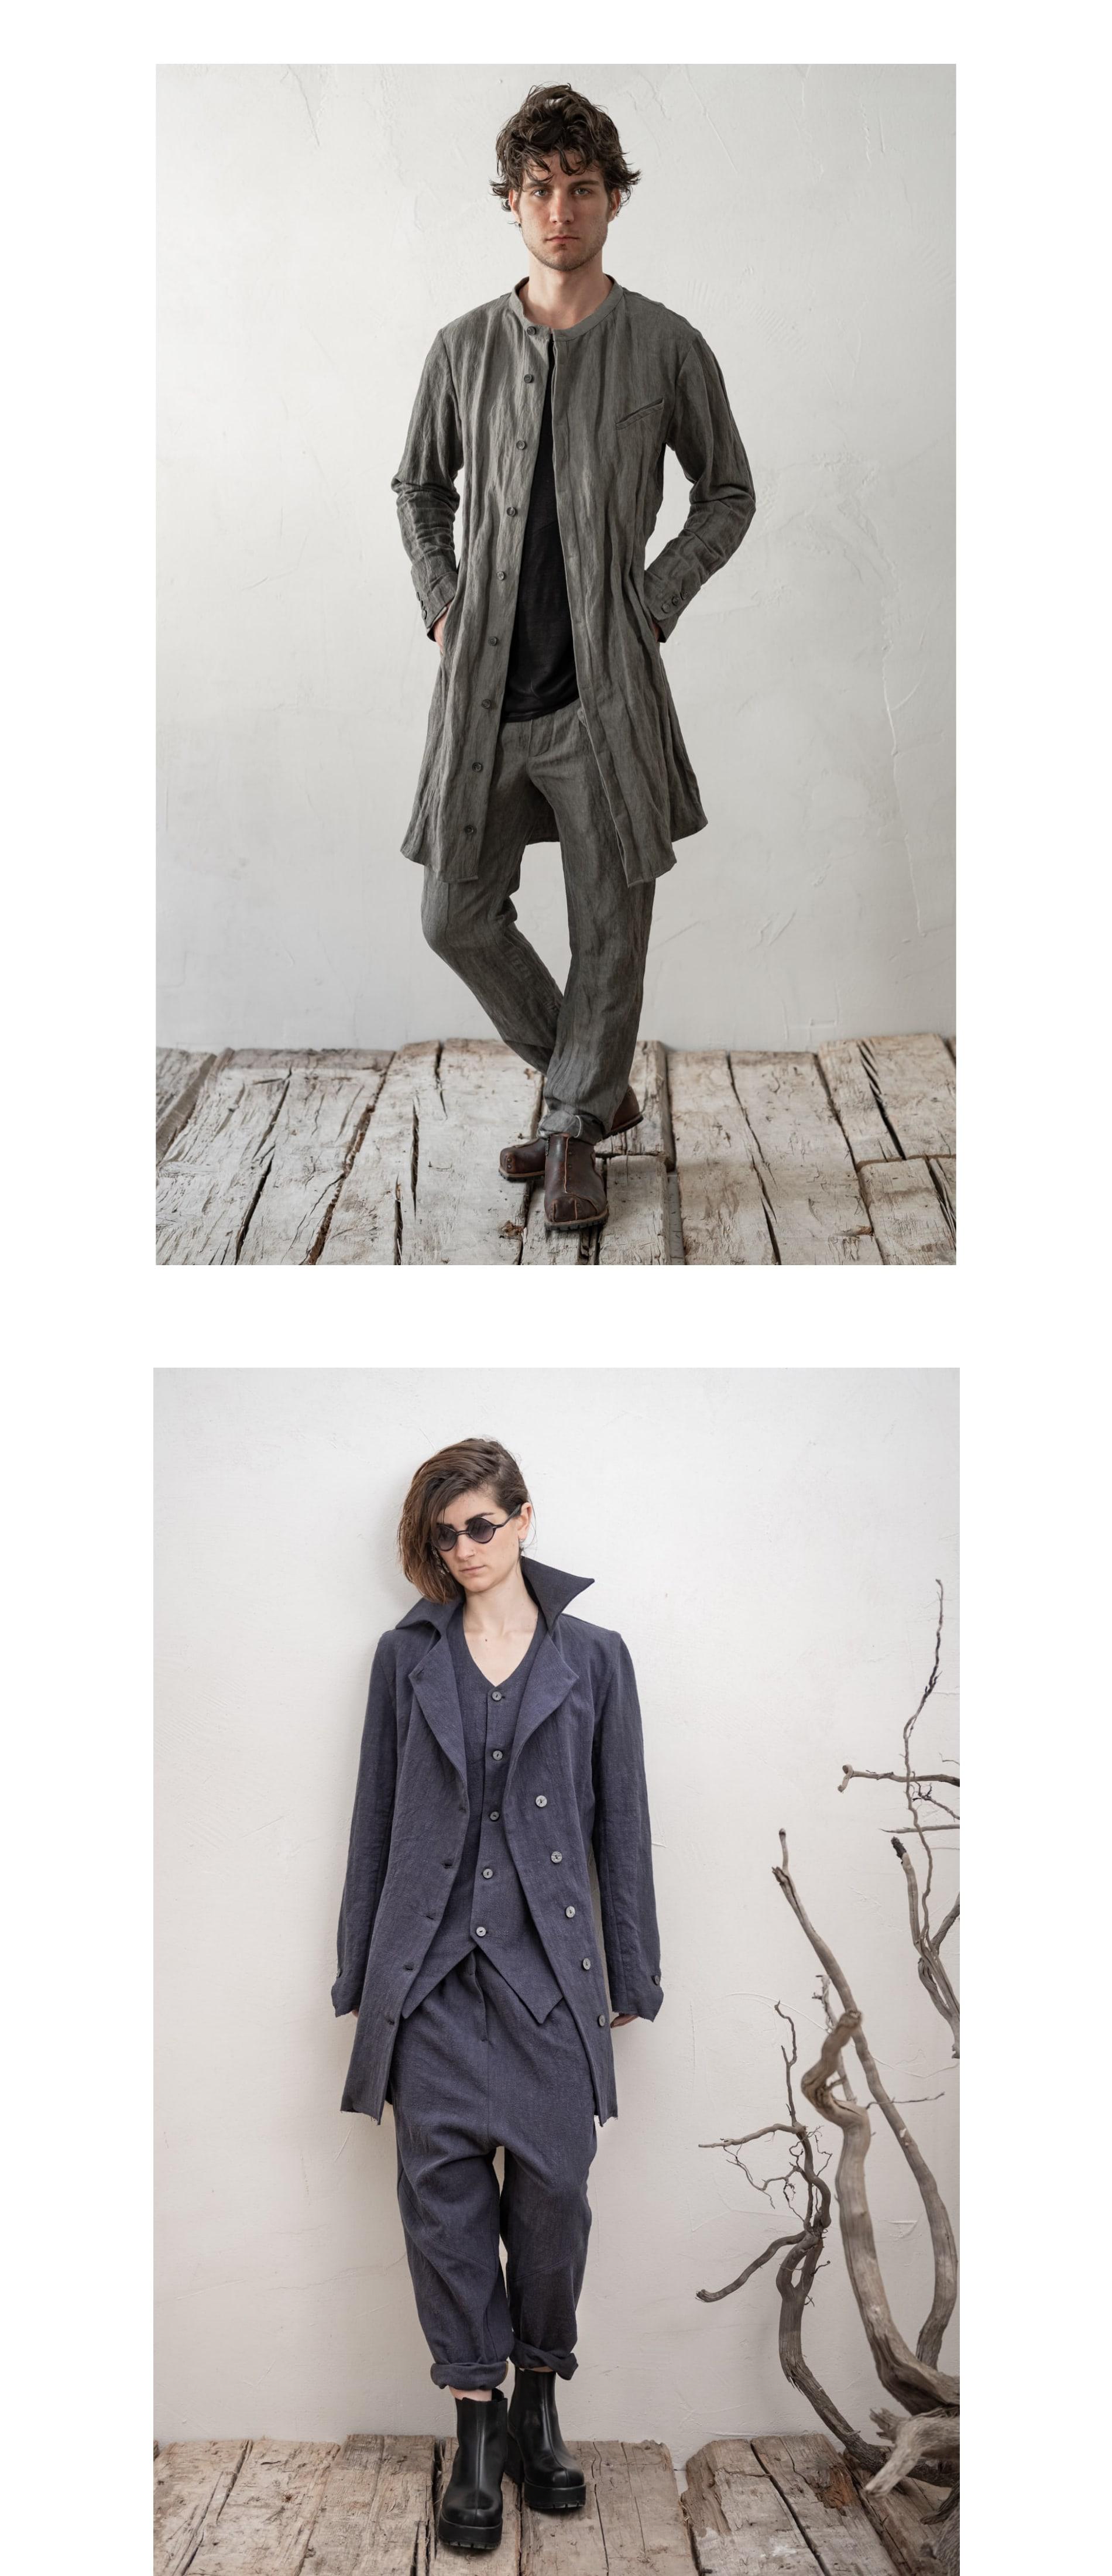 eigensinnig wien - Avantgarde Mode für Damen und Herren